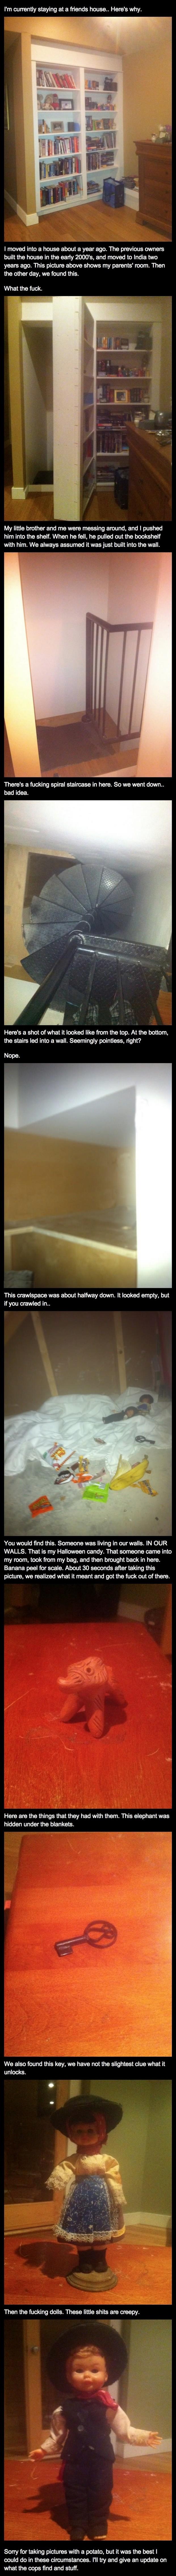 Eerie secret room